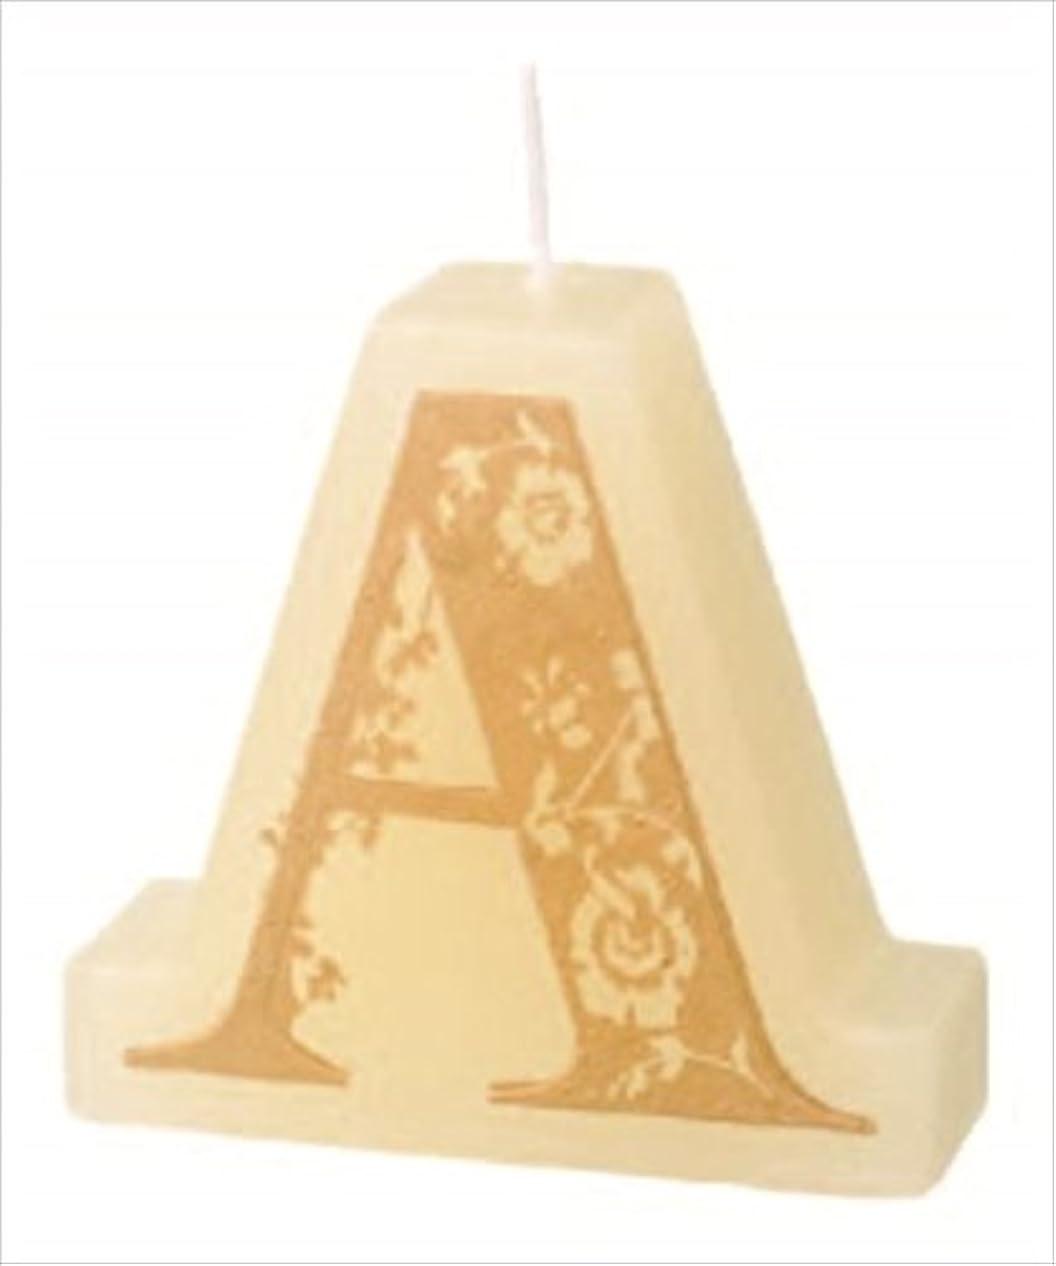 メッセンジャー酔っ払い舗装カメヤマキャンドル(kameyama candle) イニシャルキャンドルミニ 「 A 」